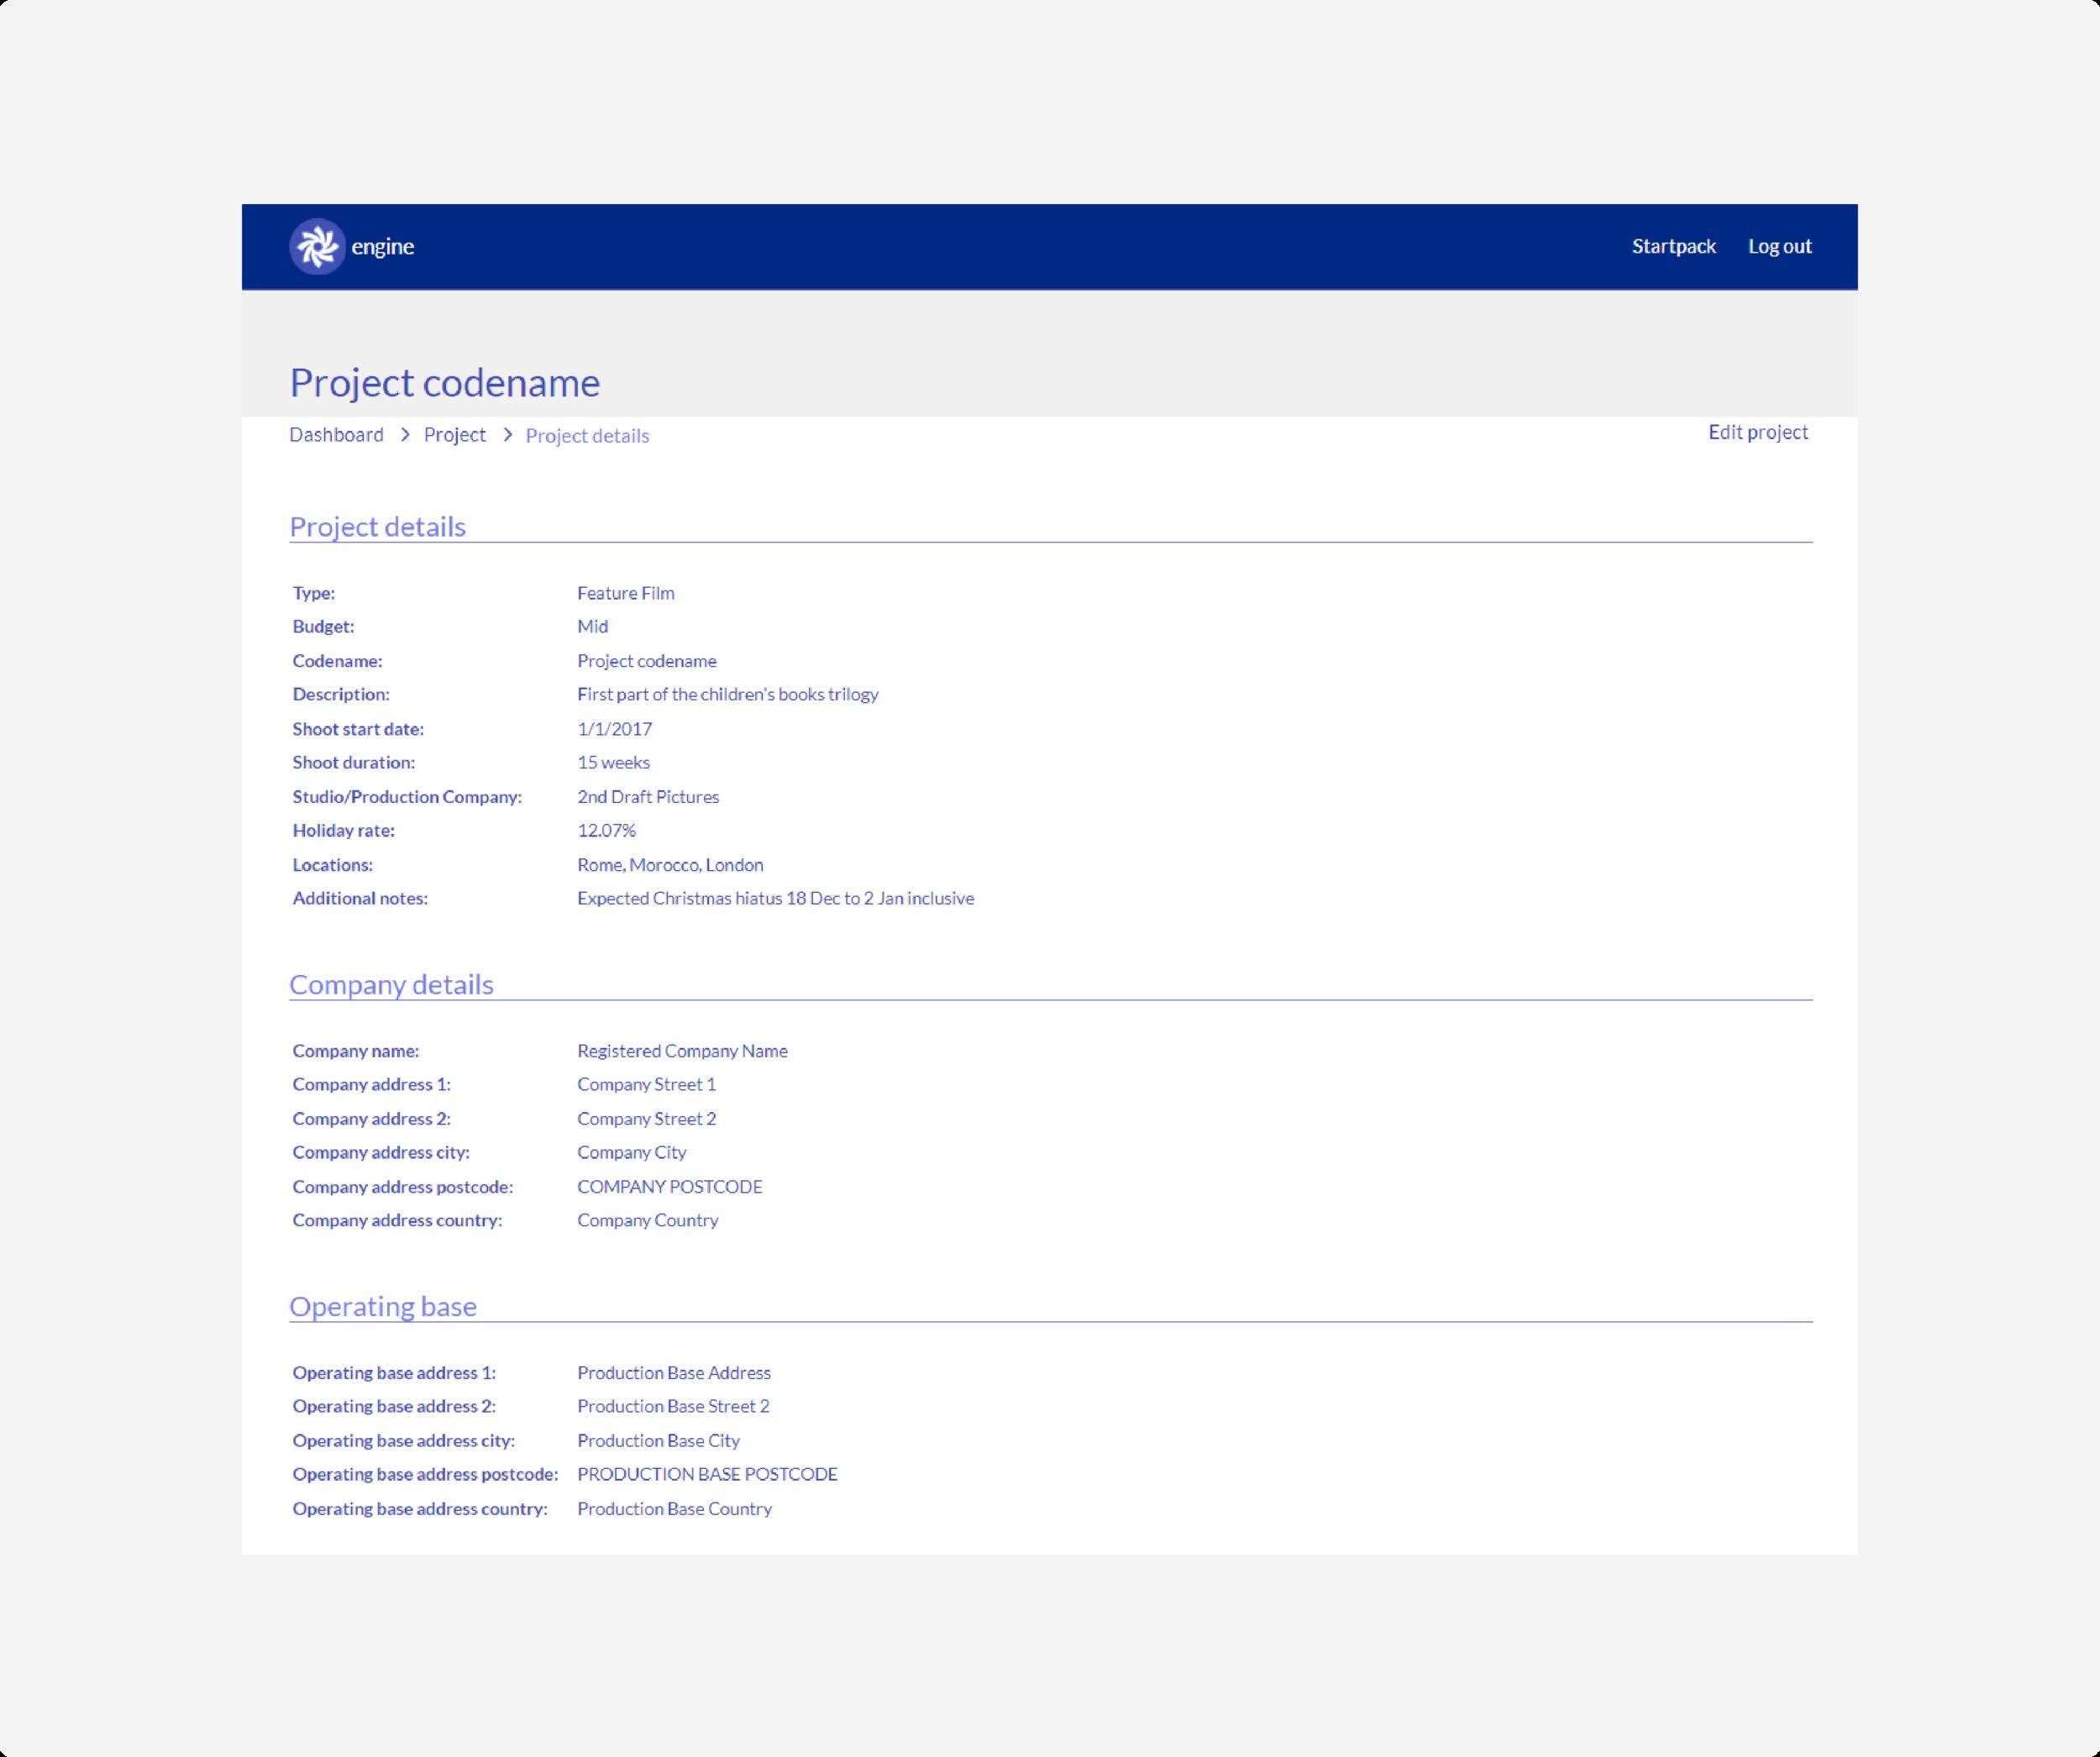 project - edit details